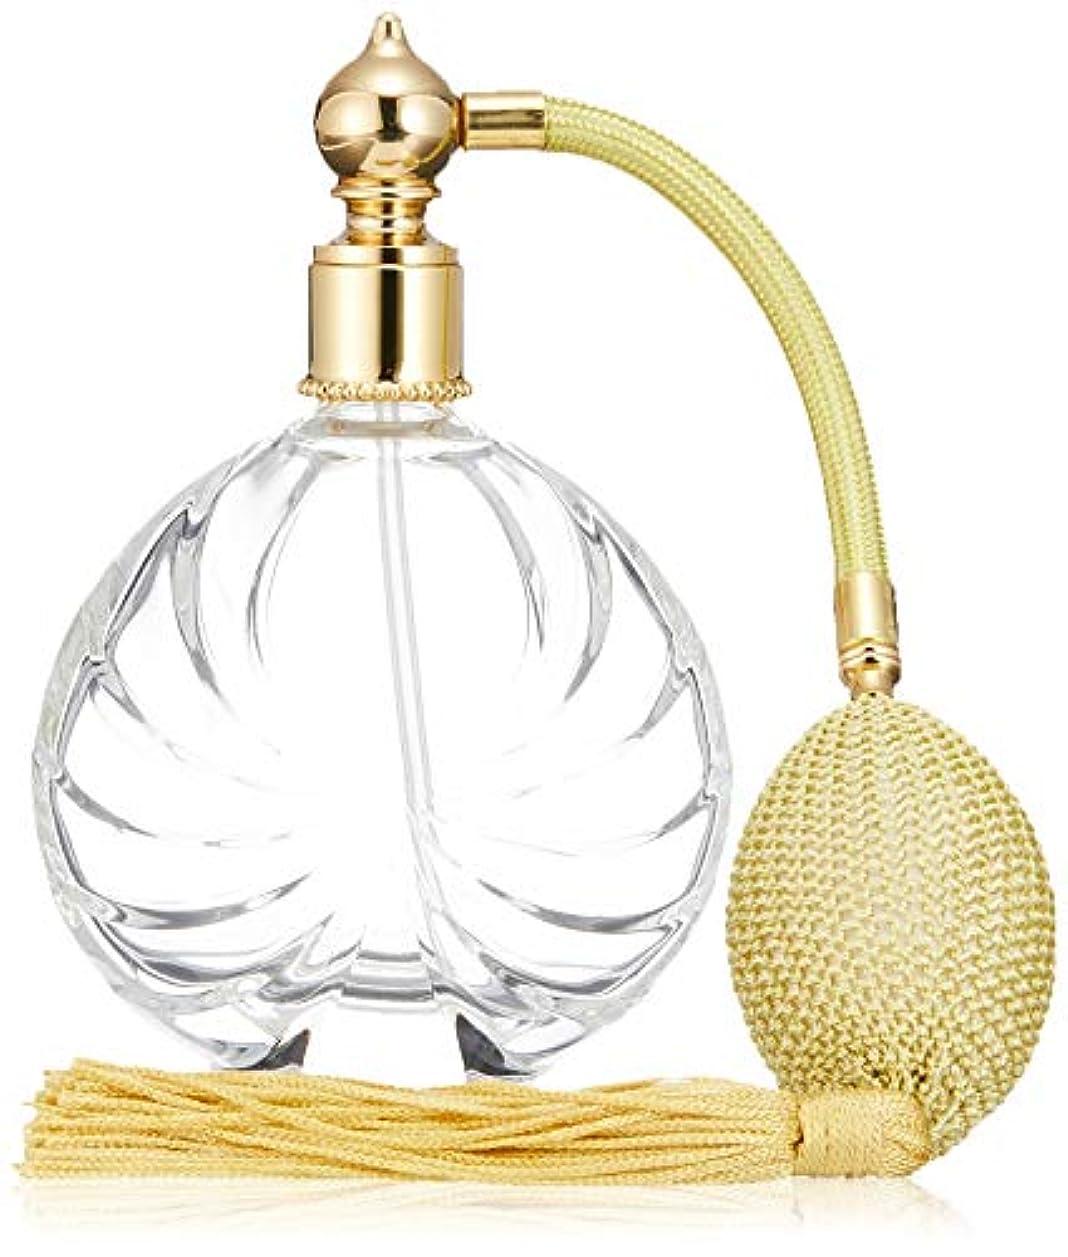 高原スクラブしがみつくヒロセアトマイザー フランス製香水瓶50ML Upper East Side 399872CG (50MLタクジョウ) CLGD